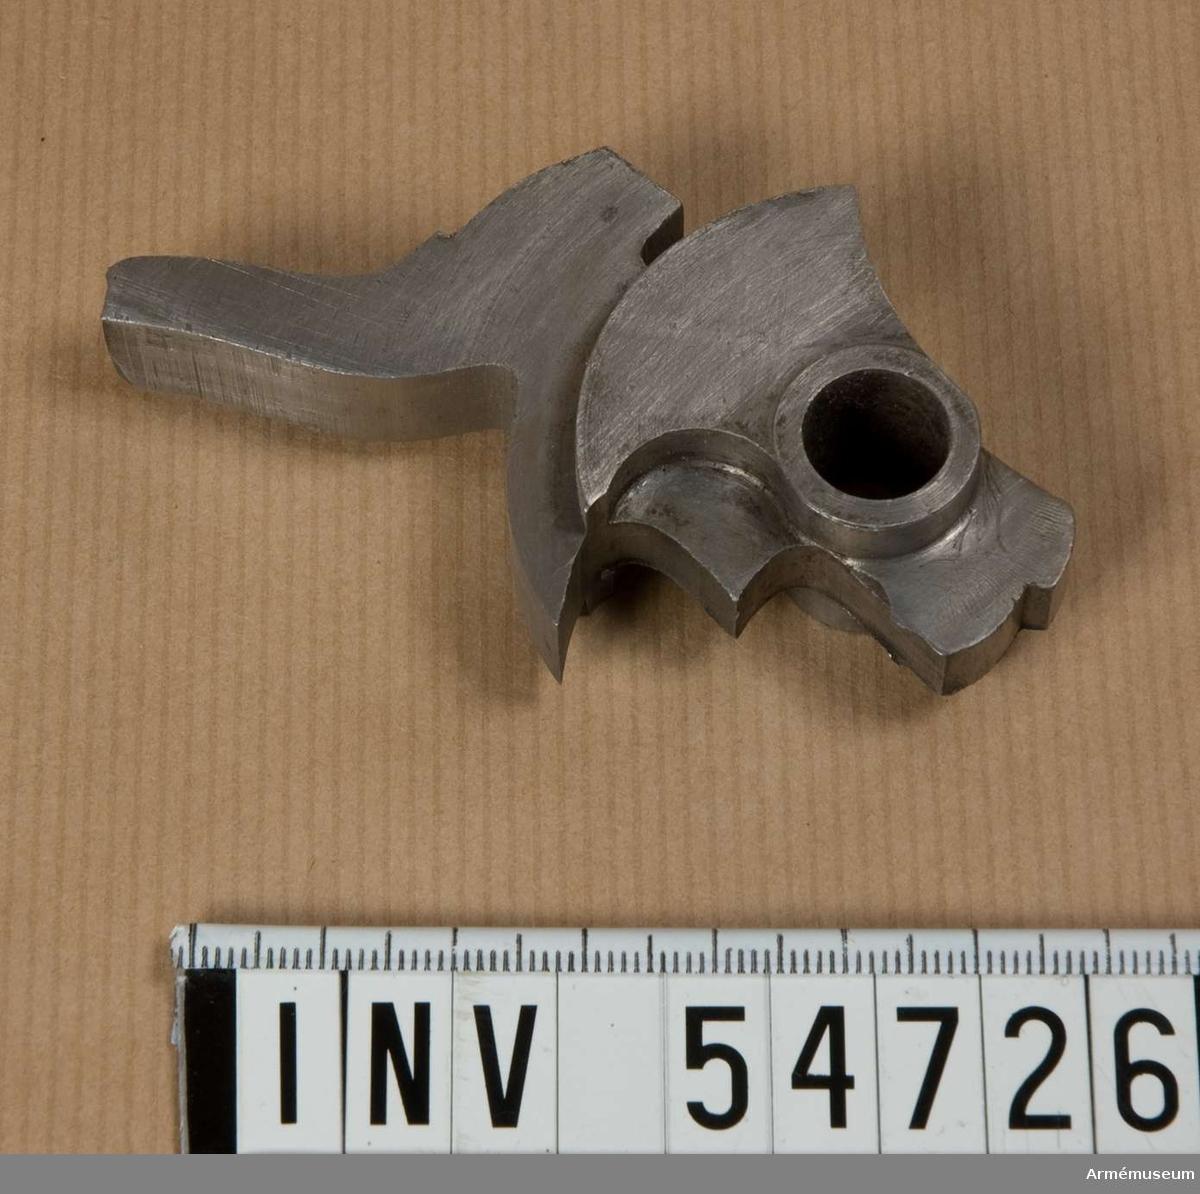 Grupp E VIII.  Stadium 14 i tillverkningsordningen. Gevärsdel till 1867 års gevär m/1867, en av c:a 400 delar.